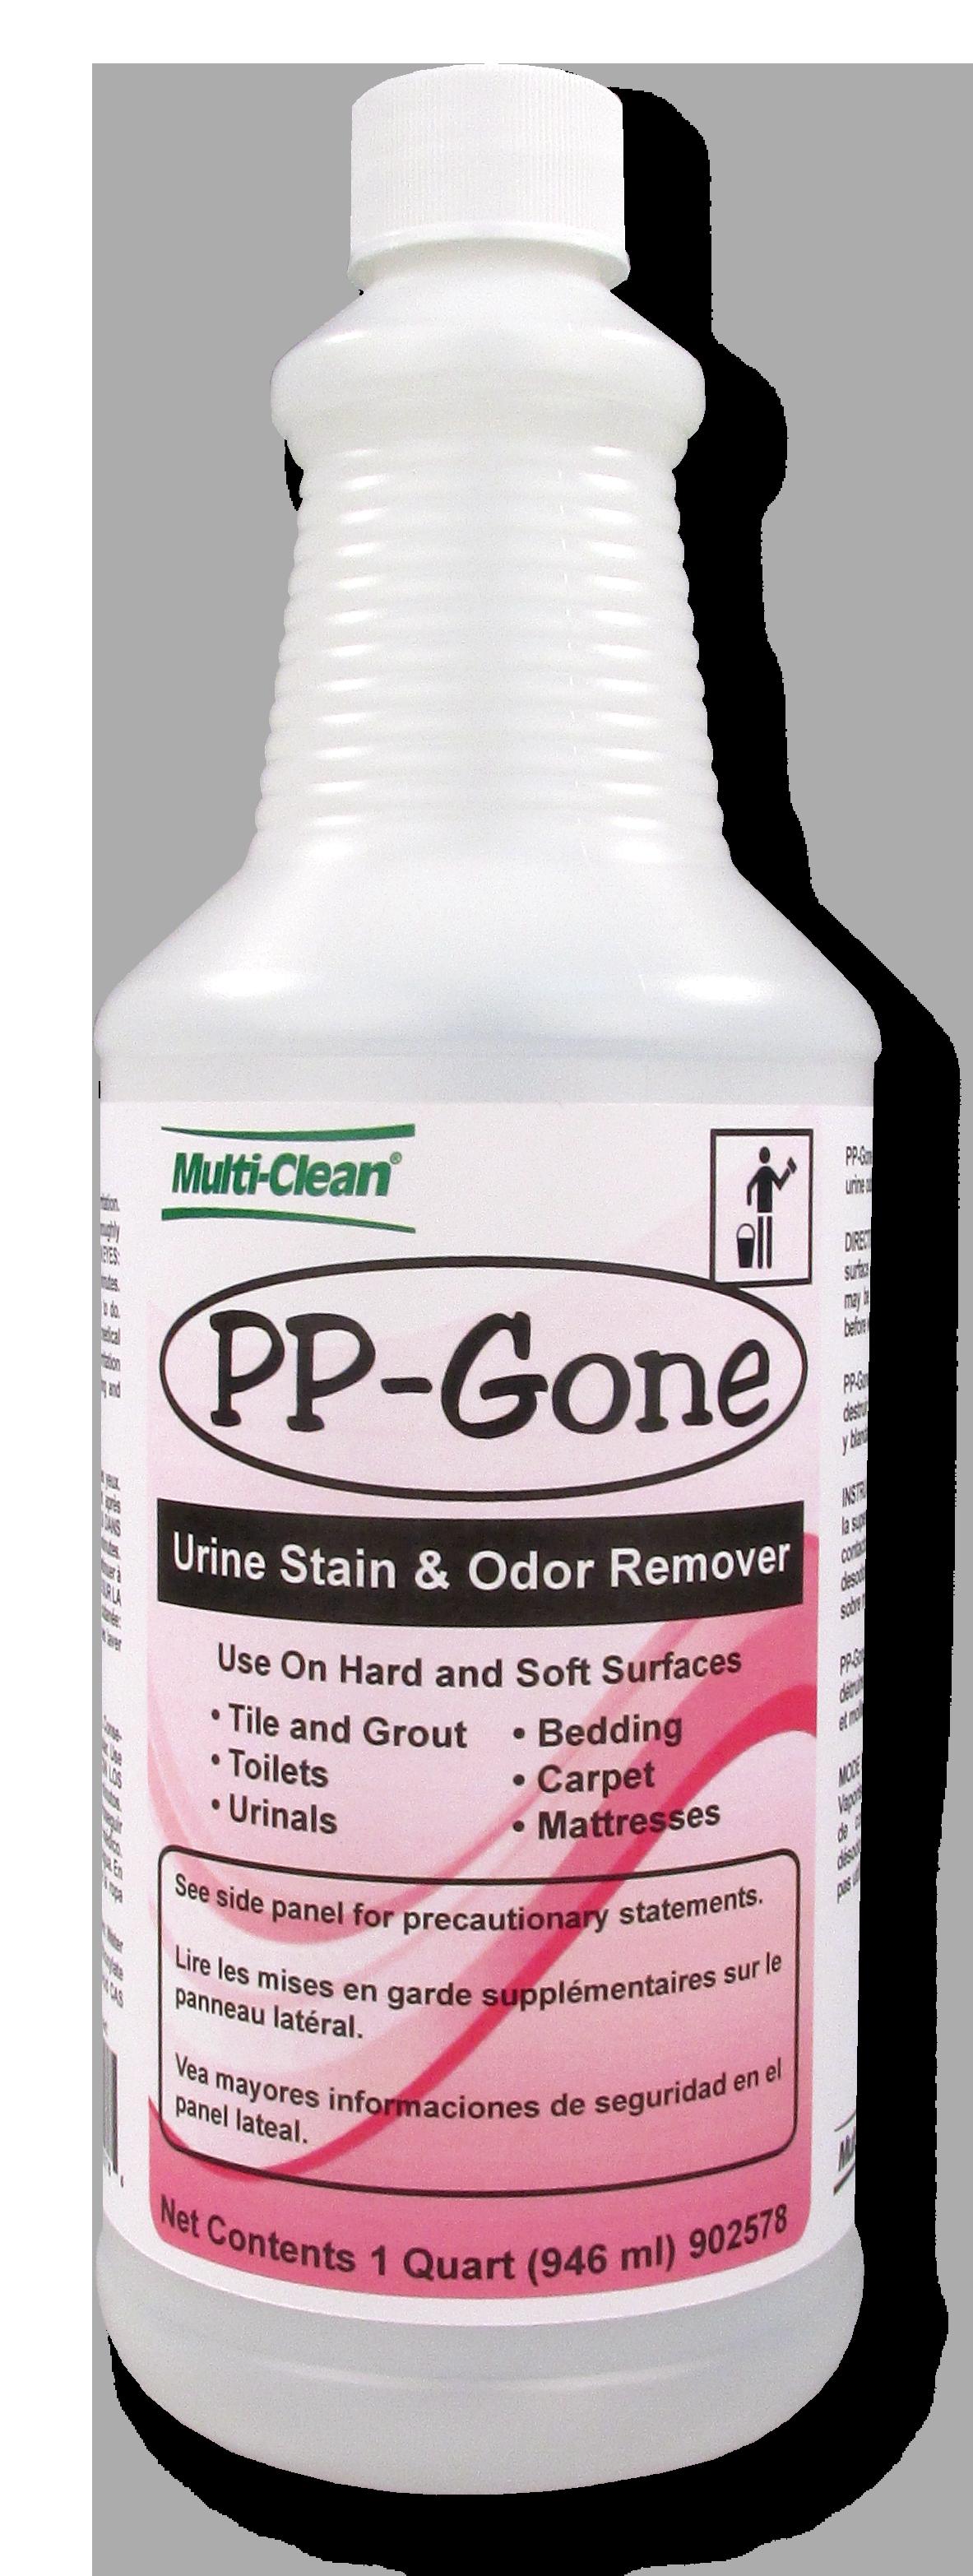 PP-Gone